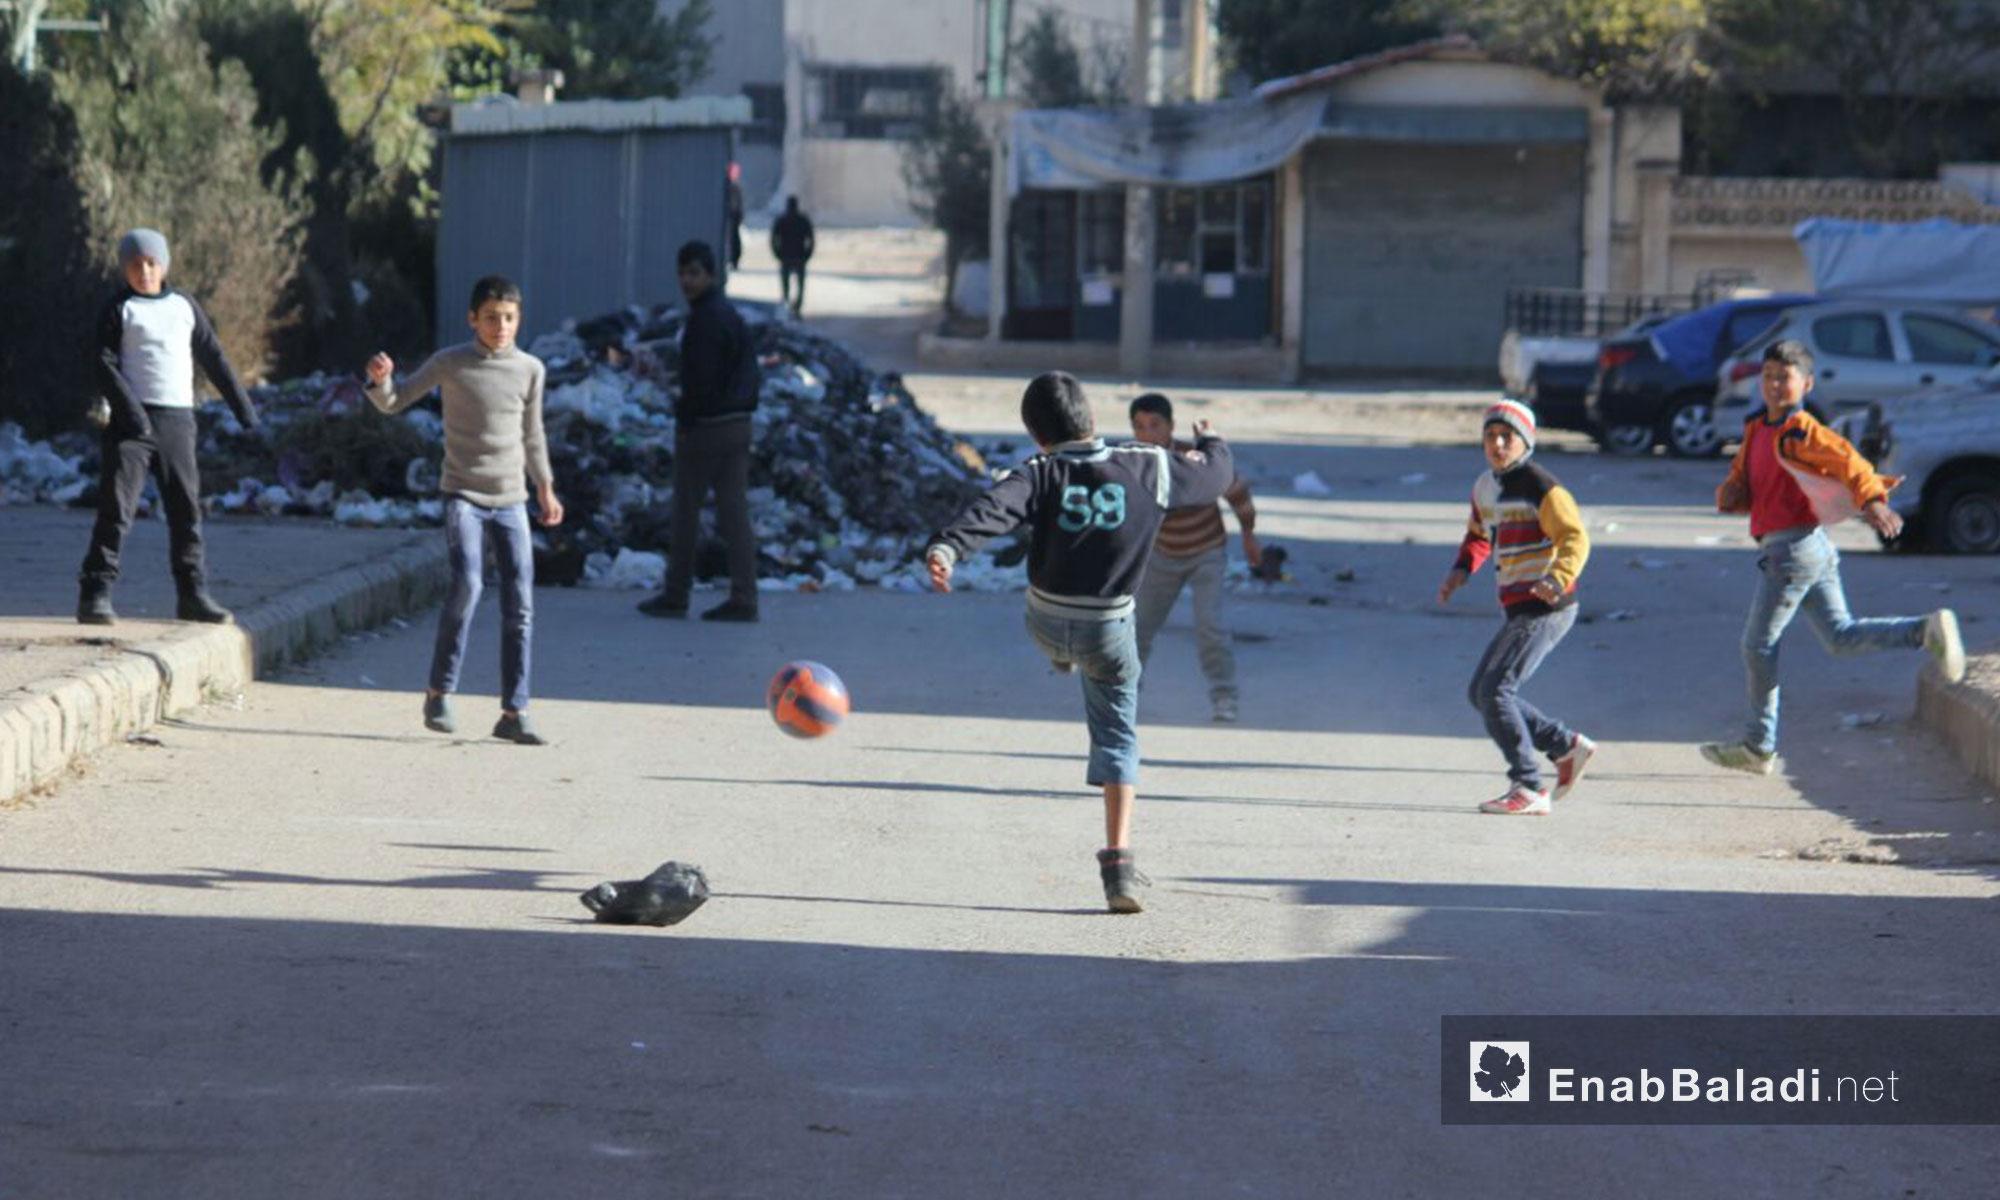 أطفال حي الوعر يلعبون كرة القدم مدينة حمص - 2 شباط 2017 (عنب بلدي)